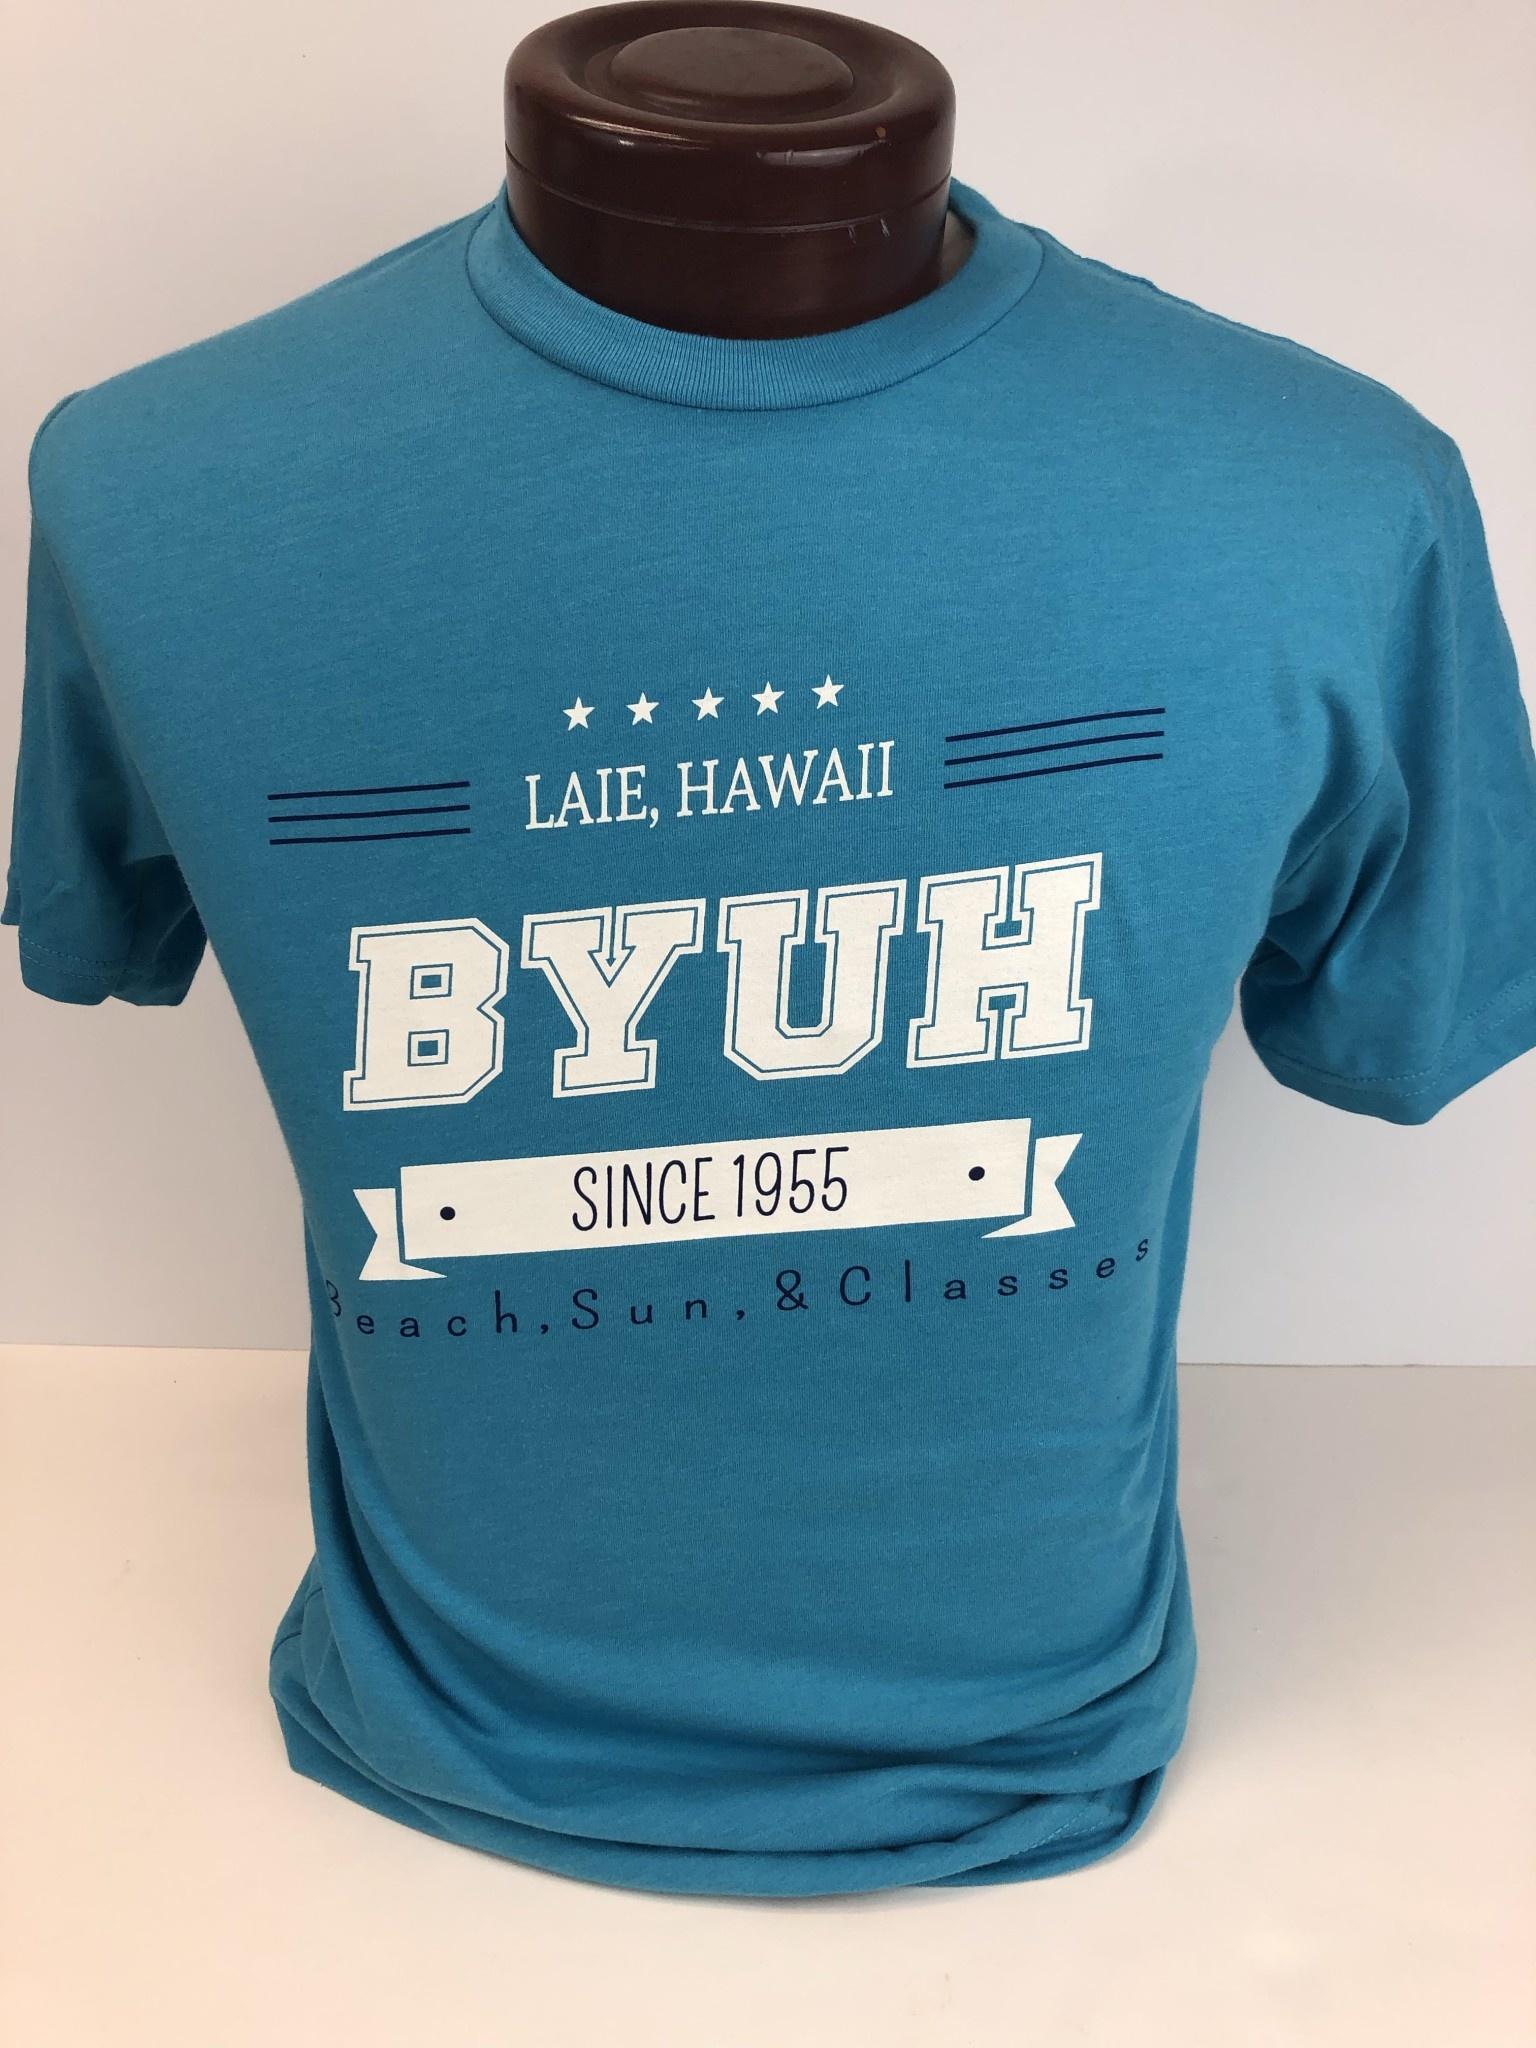 BYU-Hawaii Crew BYU-Hawaii Since 1955